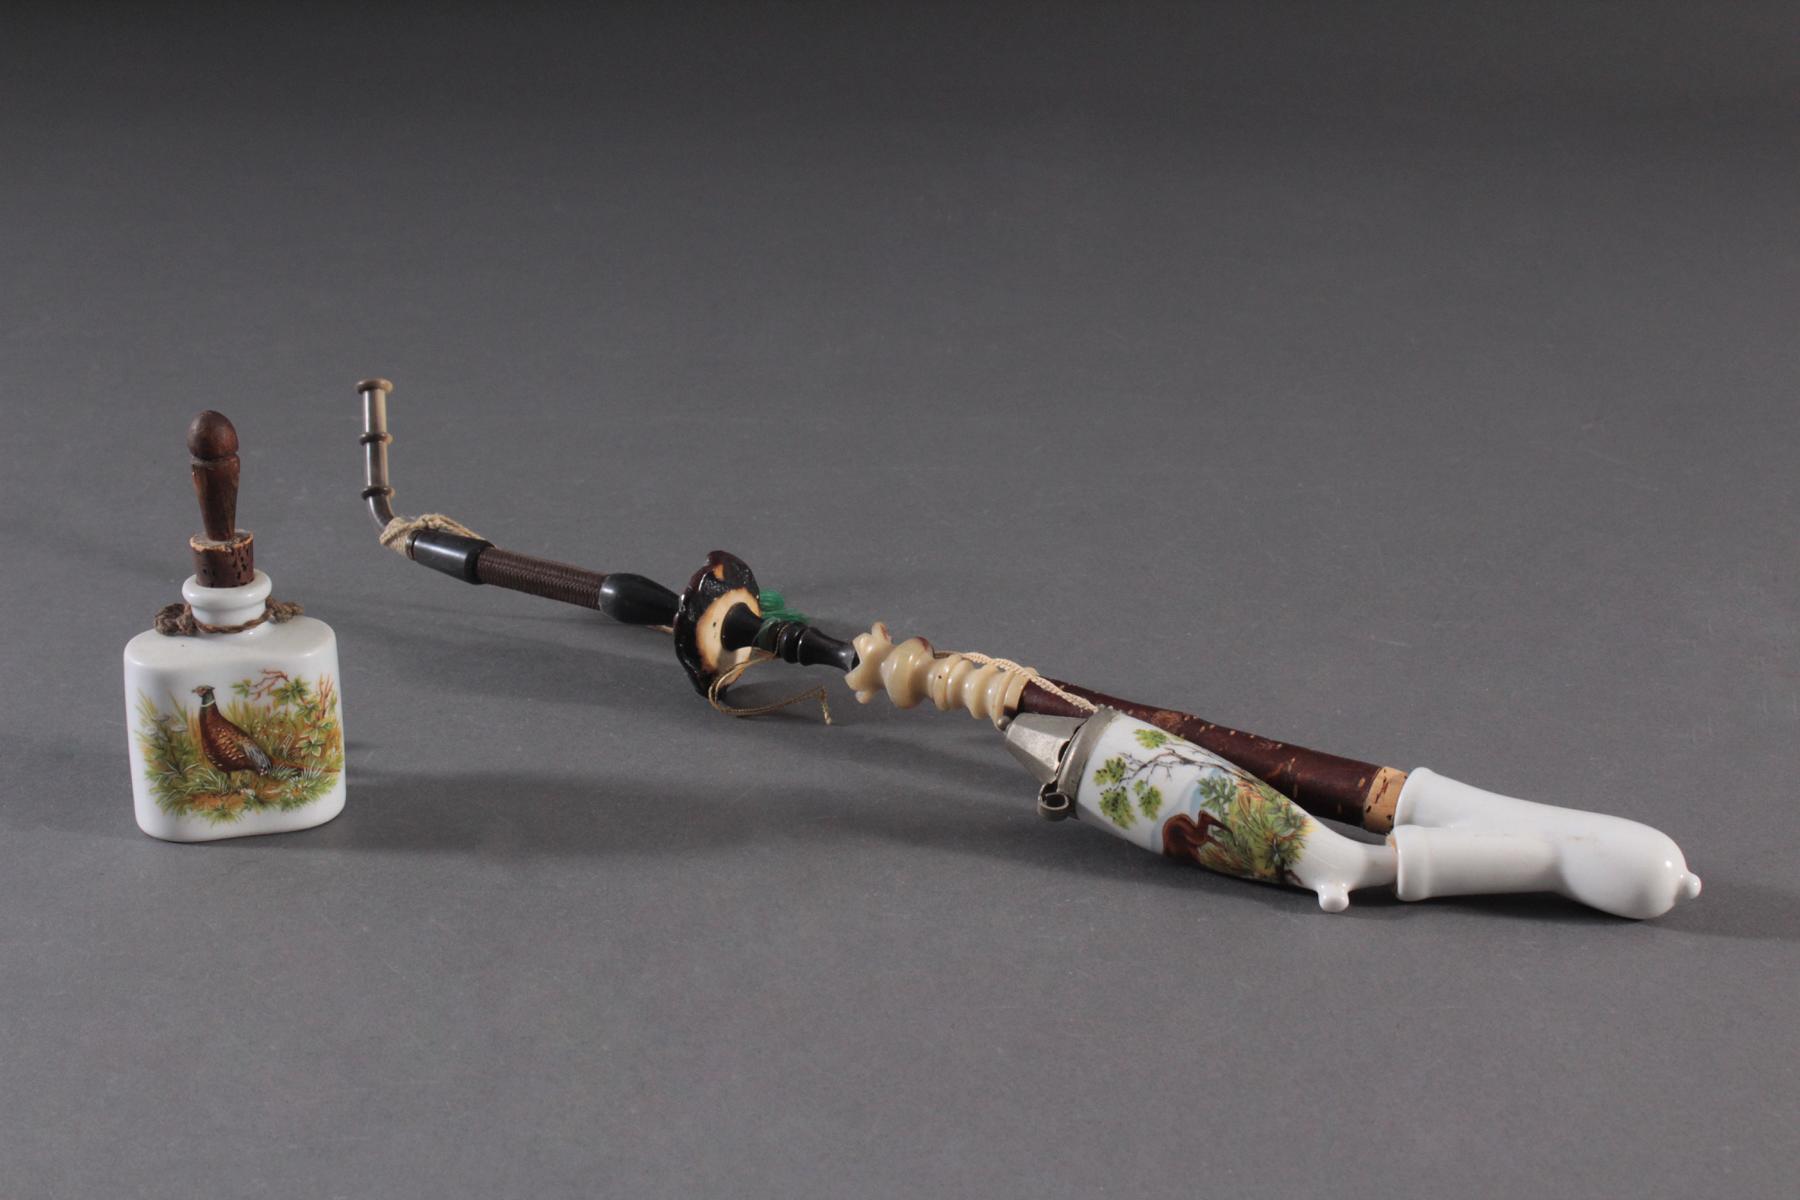 Steckpfeife und kleine Jagdflasche